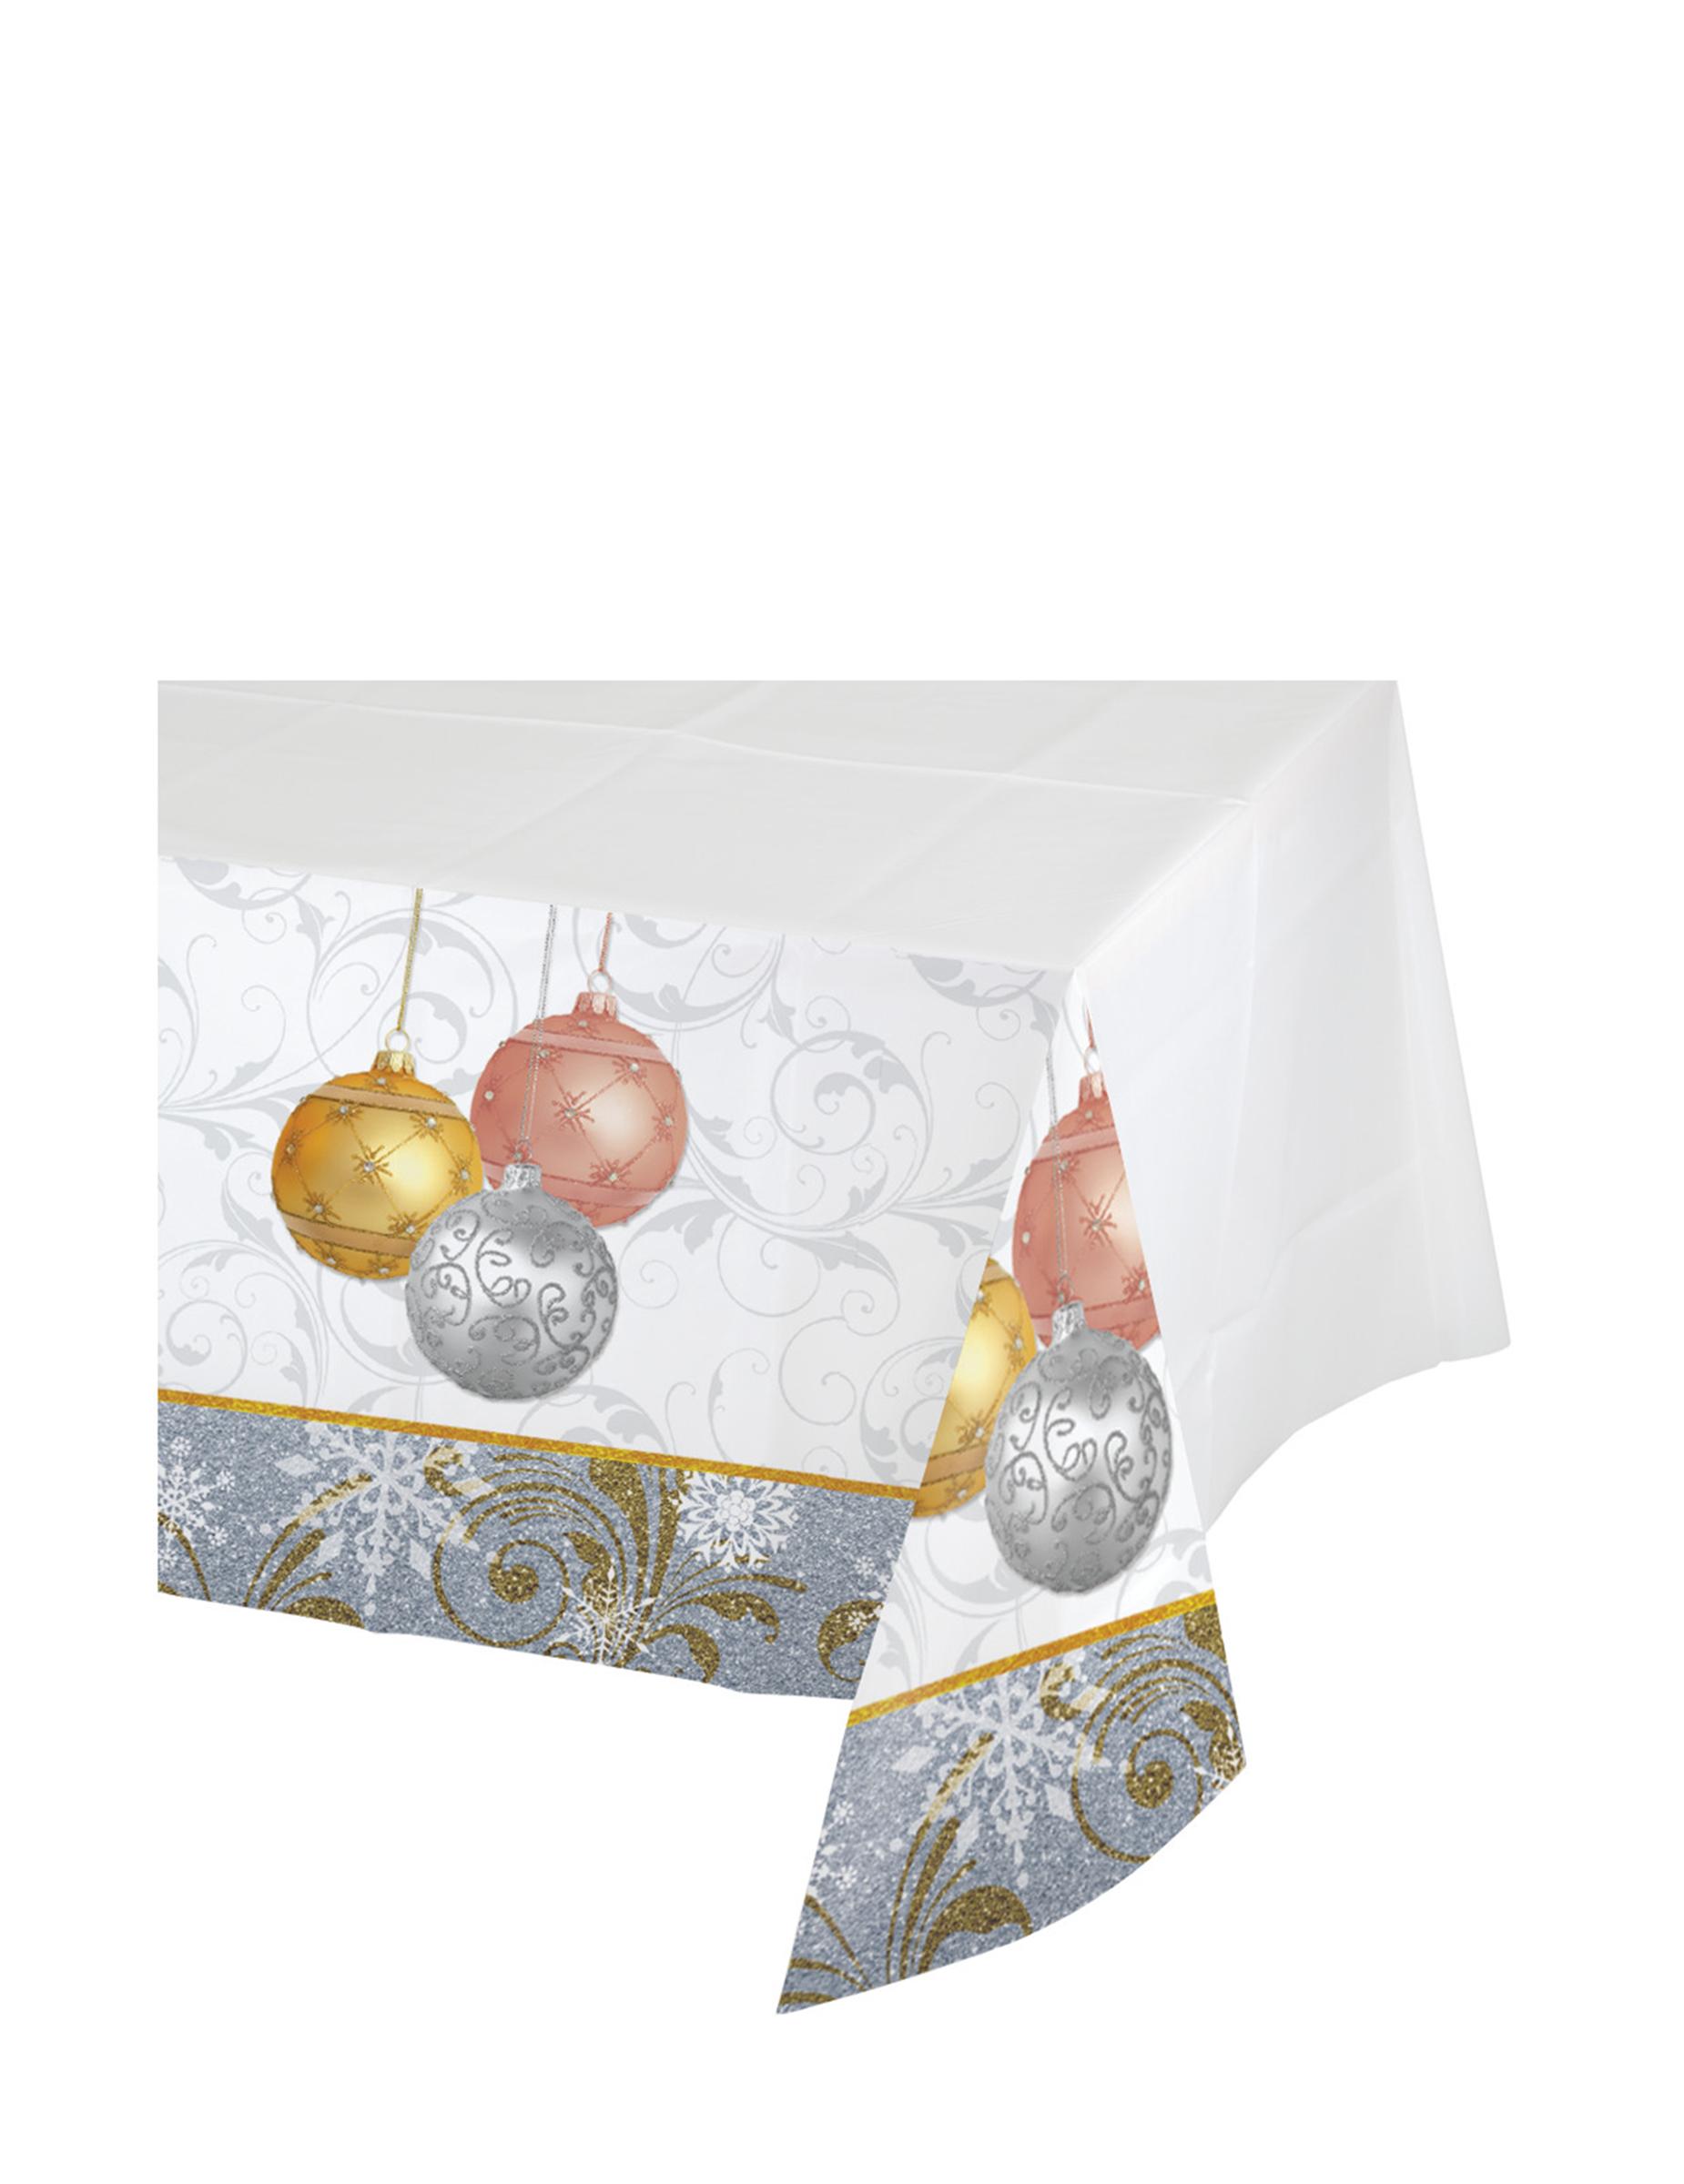 nappe en plastique paillettes de no l 137 x 259 cm d coration anniversaire et f tes th me sur. Black Bedroom Furniture Sets. Home Design Ideas